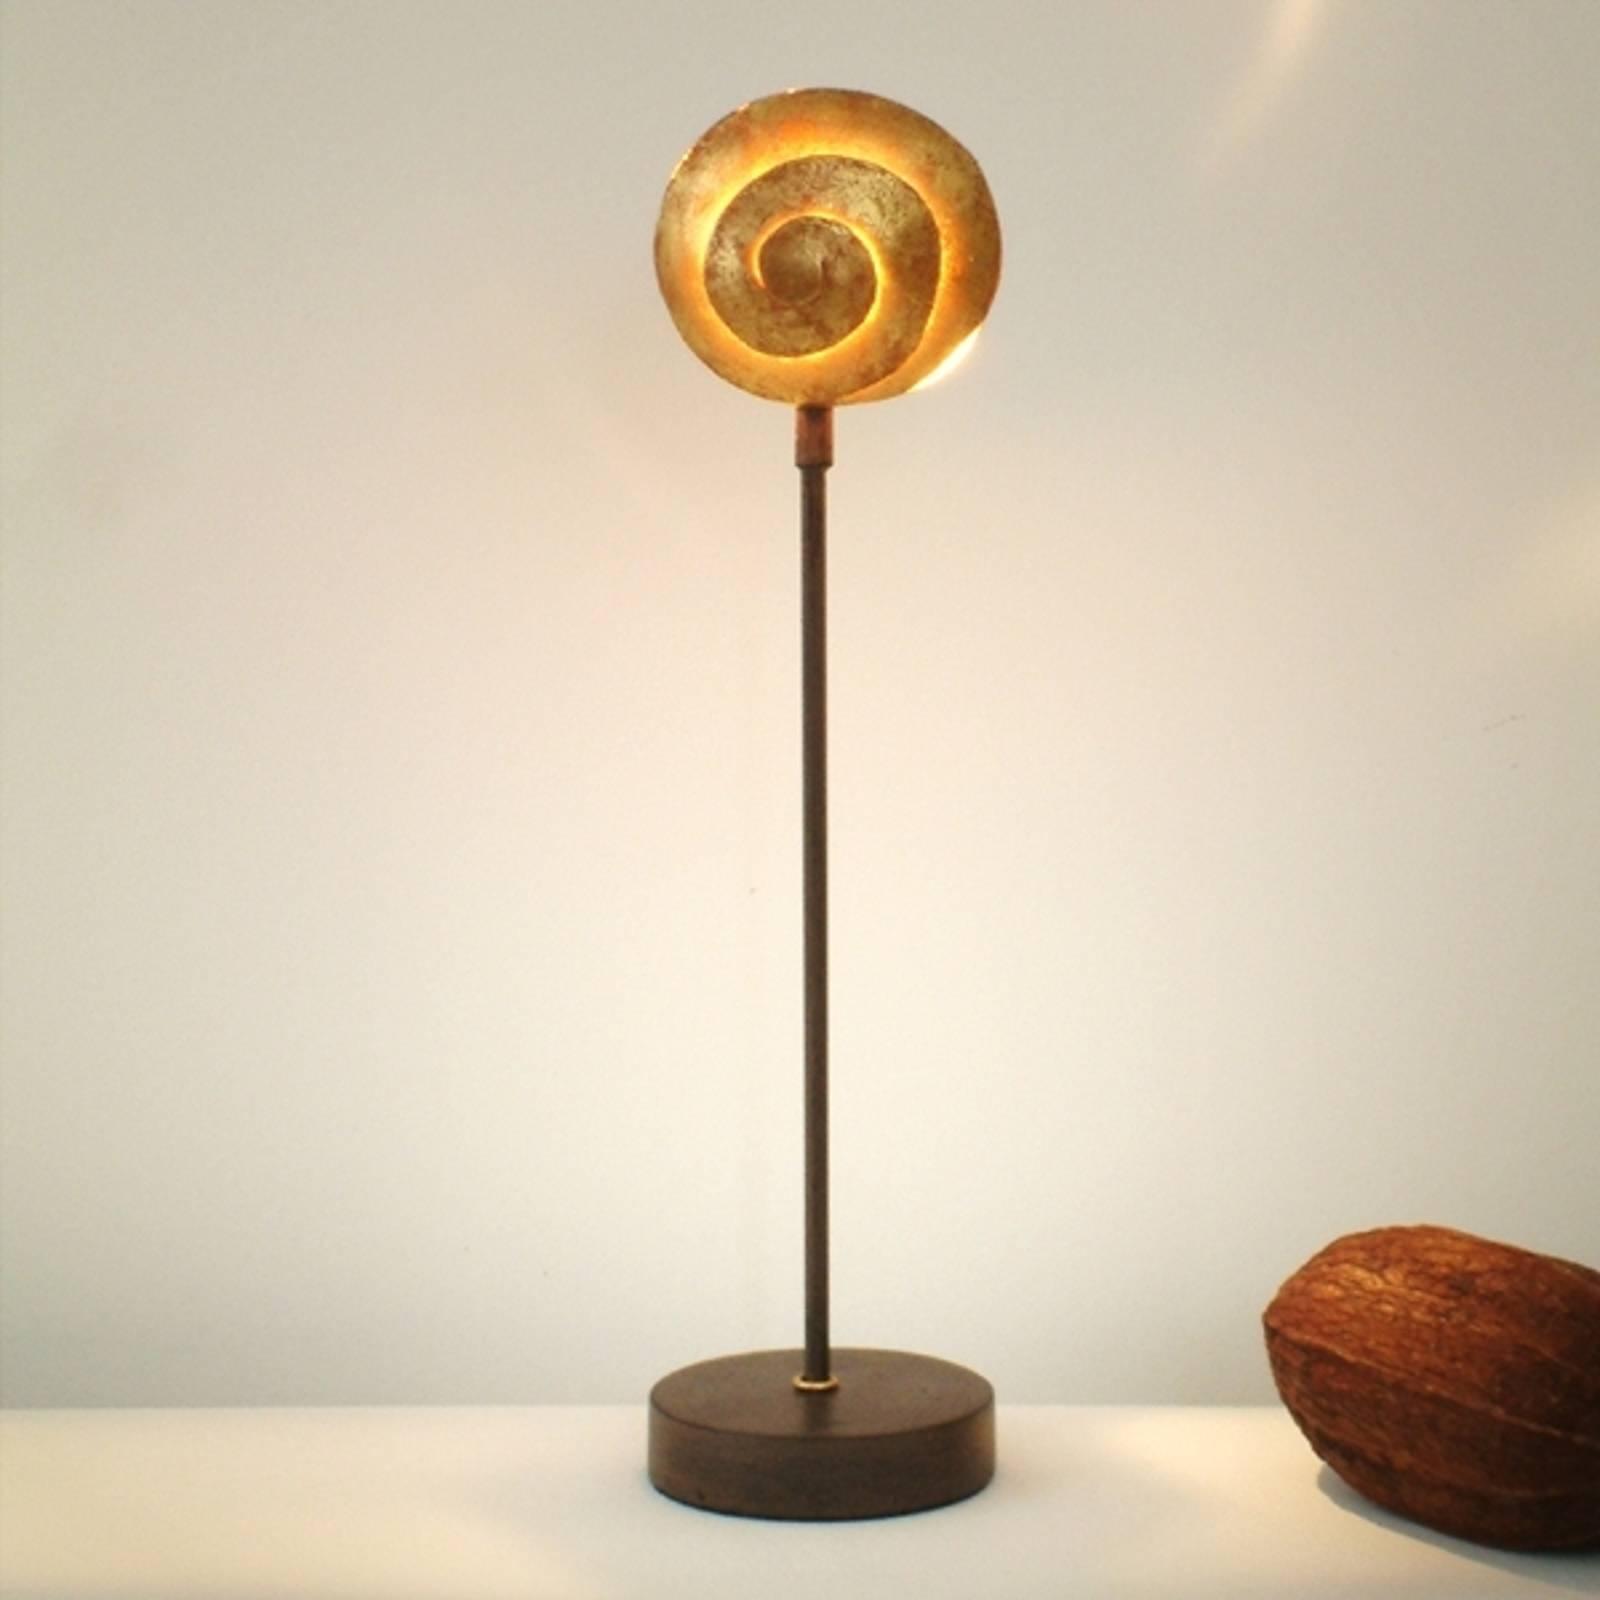 Lampada da tavolo Schnecke Gold di ferro